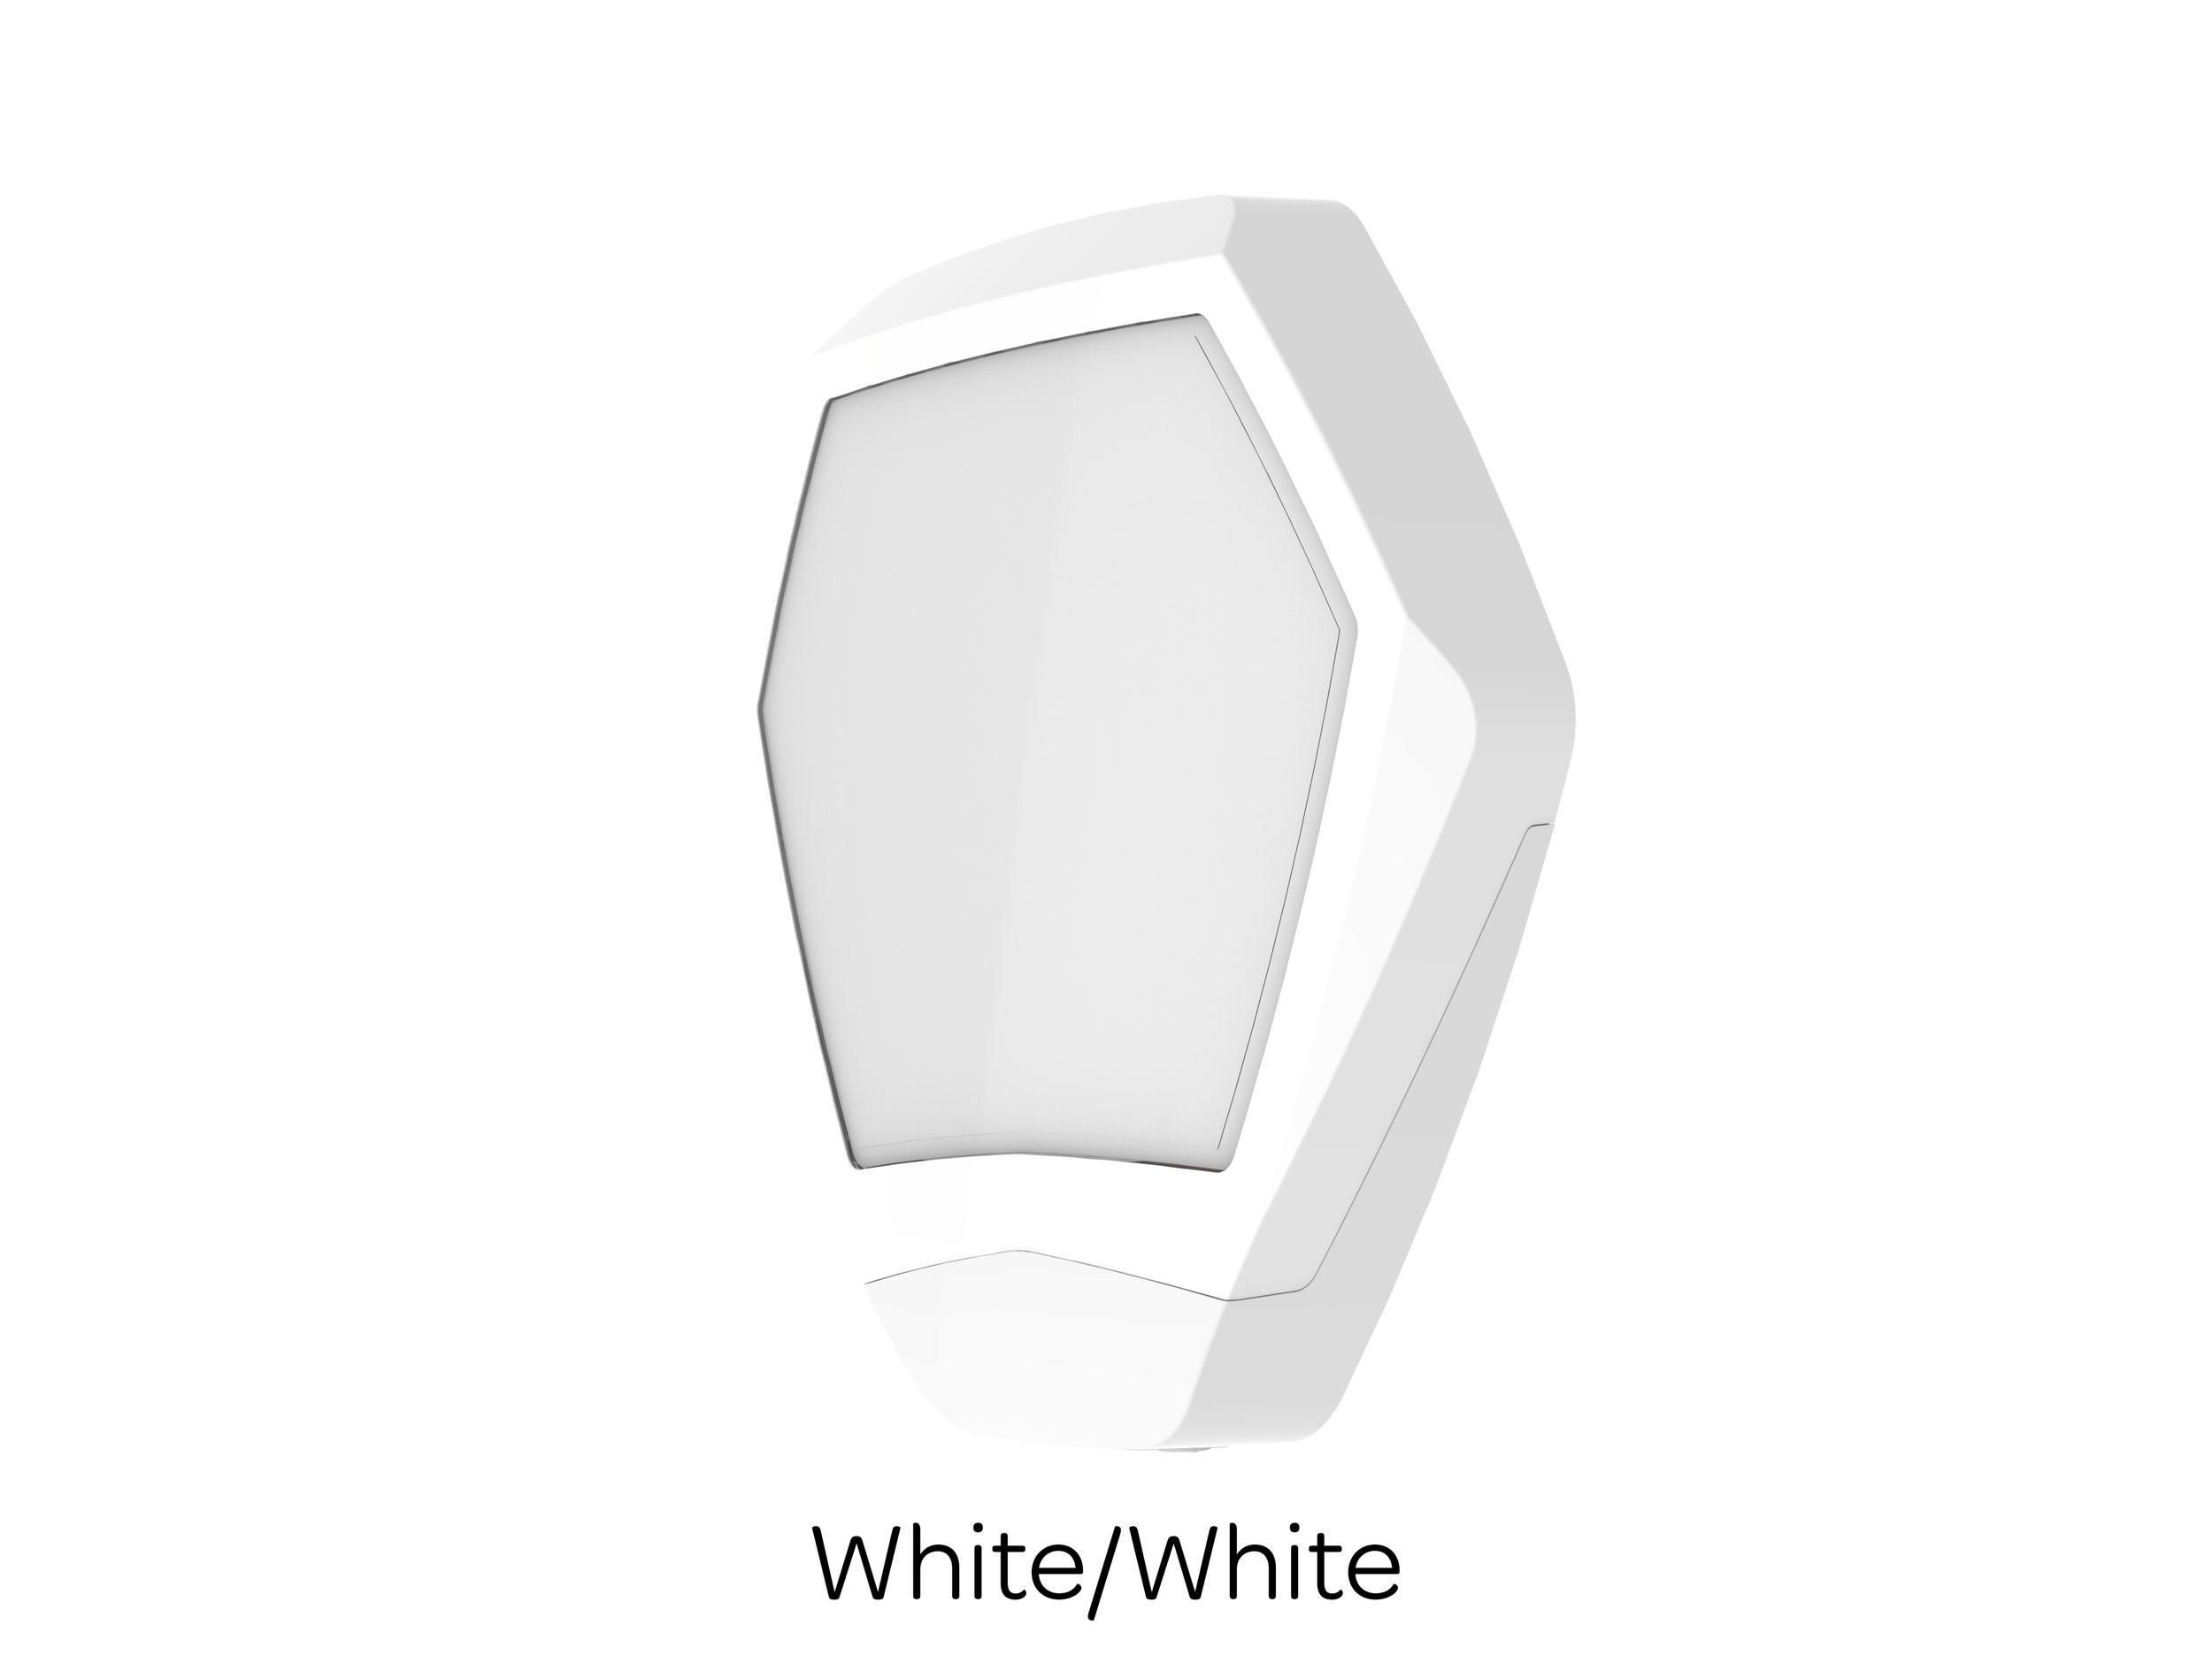 Web_OdyX3_White-White_WhiteBG.jpg